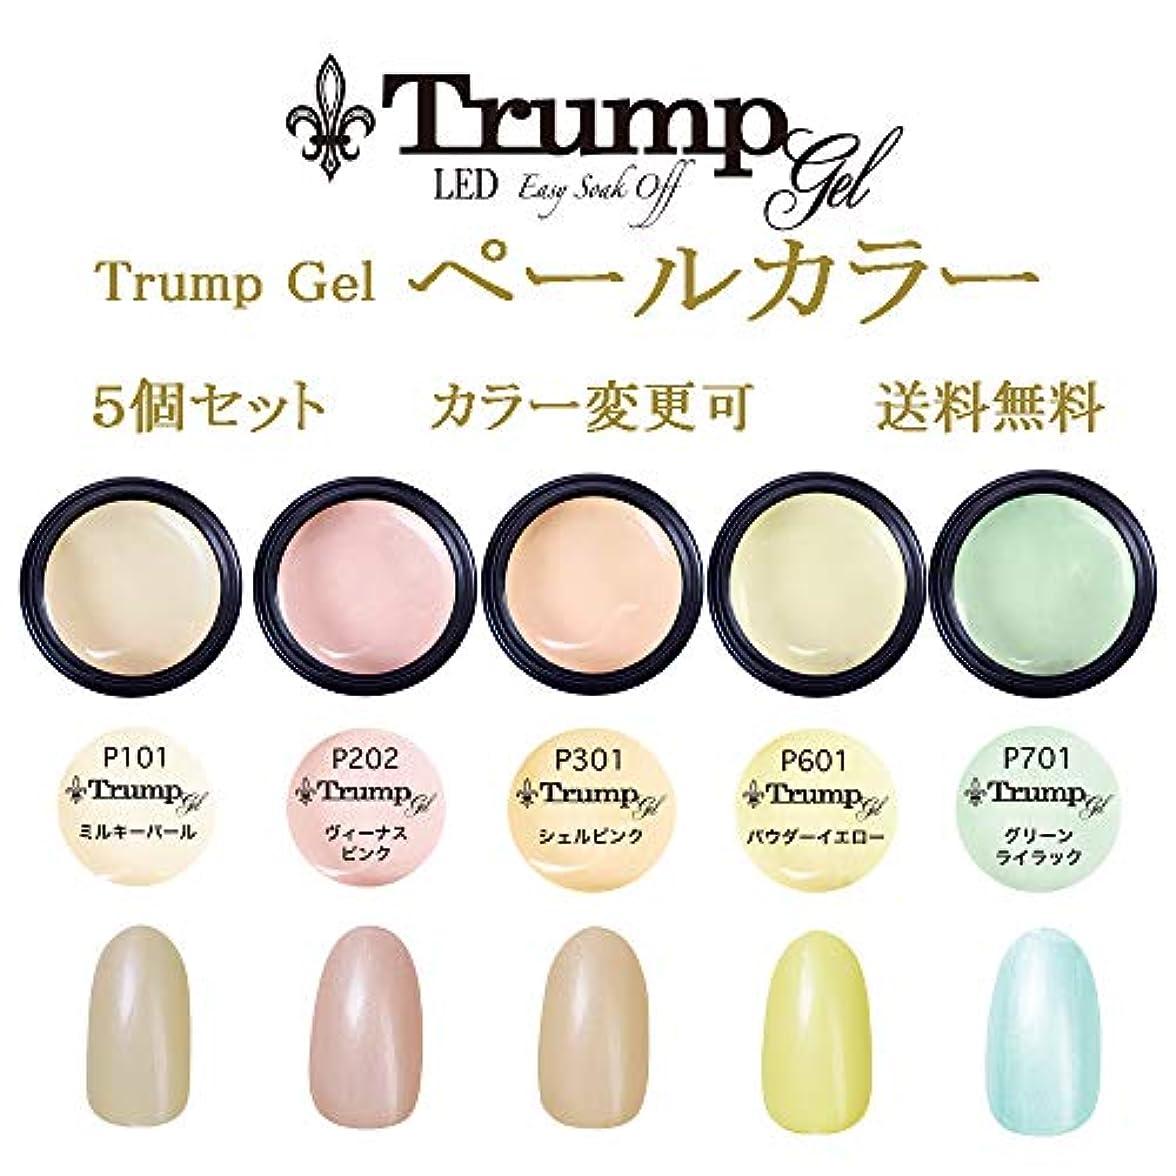 通行人ヒロイック流暢日本製 Trump gel トランプジェル ペールカラー 選べる カラージェル 5個セット パール イエロー ベージュ ピンク ブルー